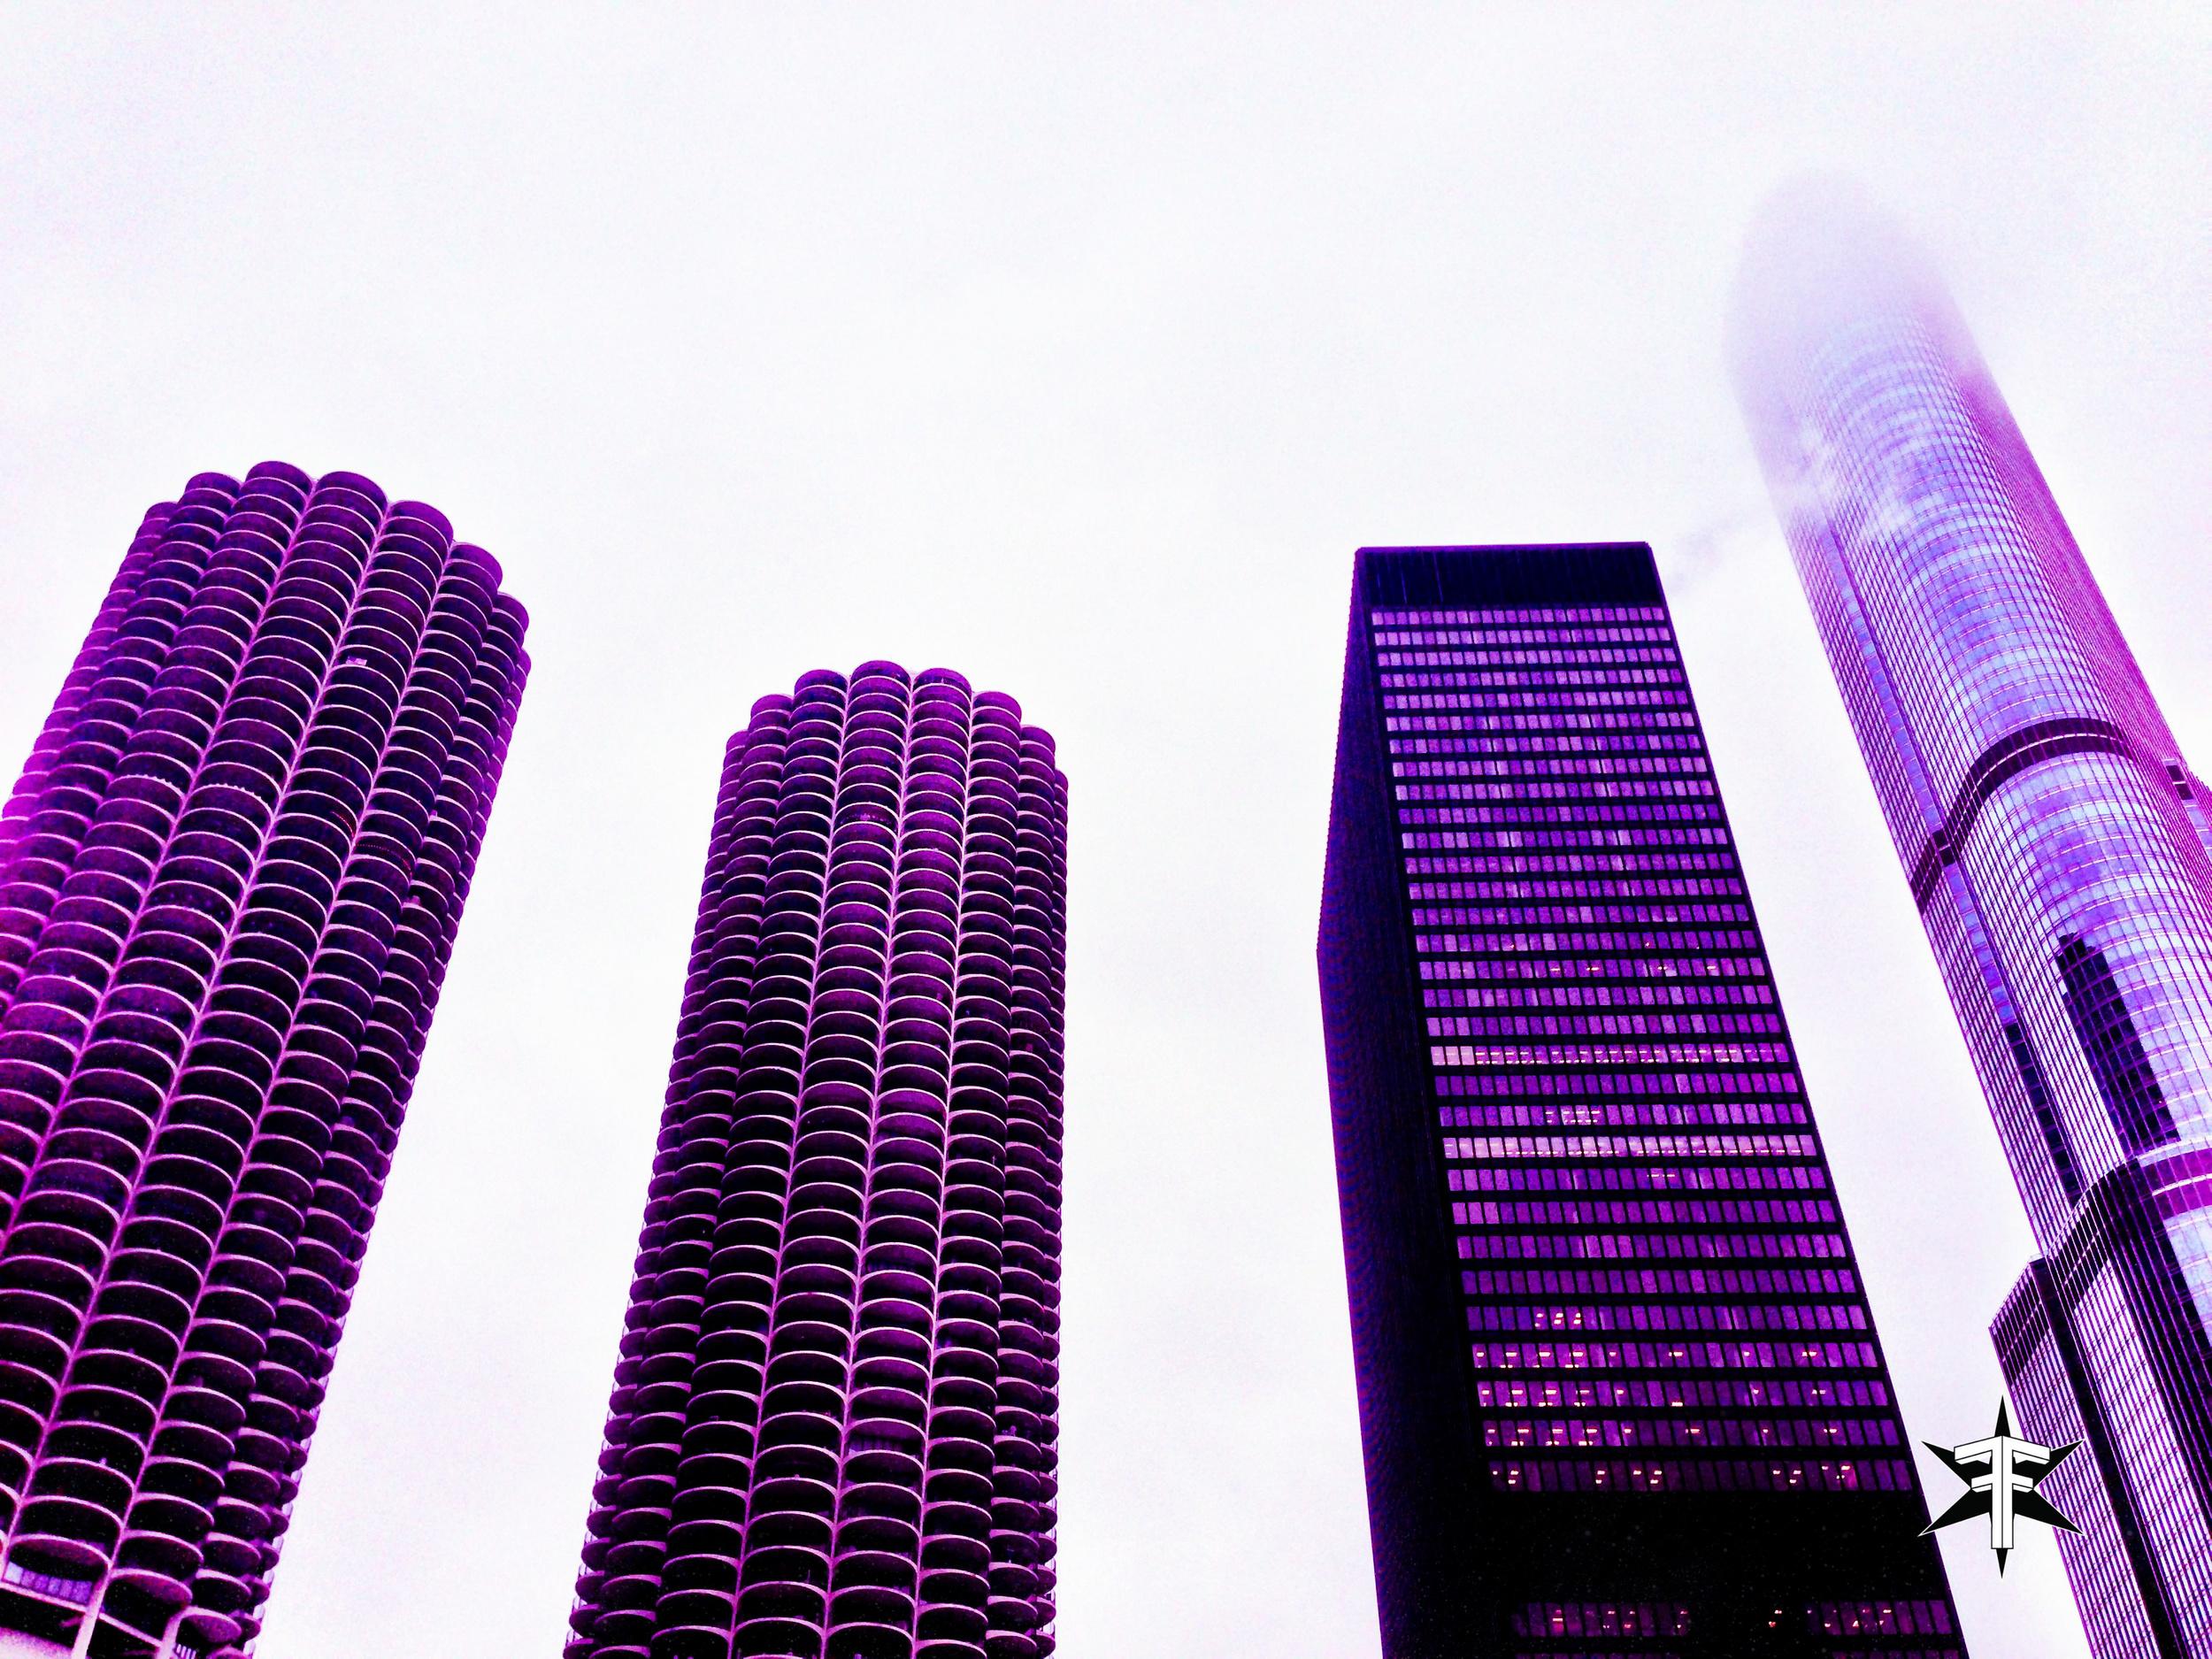 chicago architecture eric formato photography design arquitectura architettura buildings skyscraper skyscrapers-4.jpg